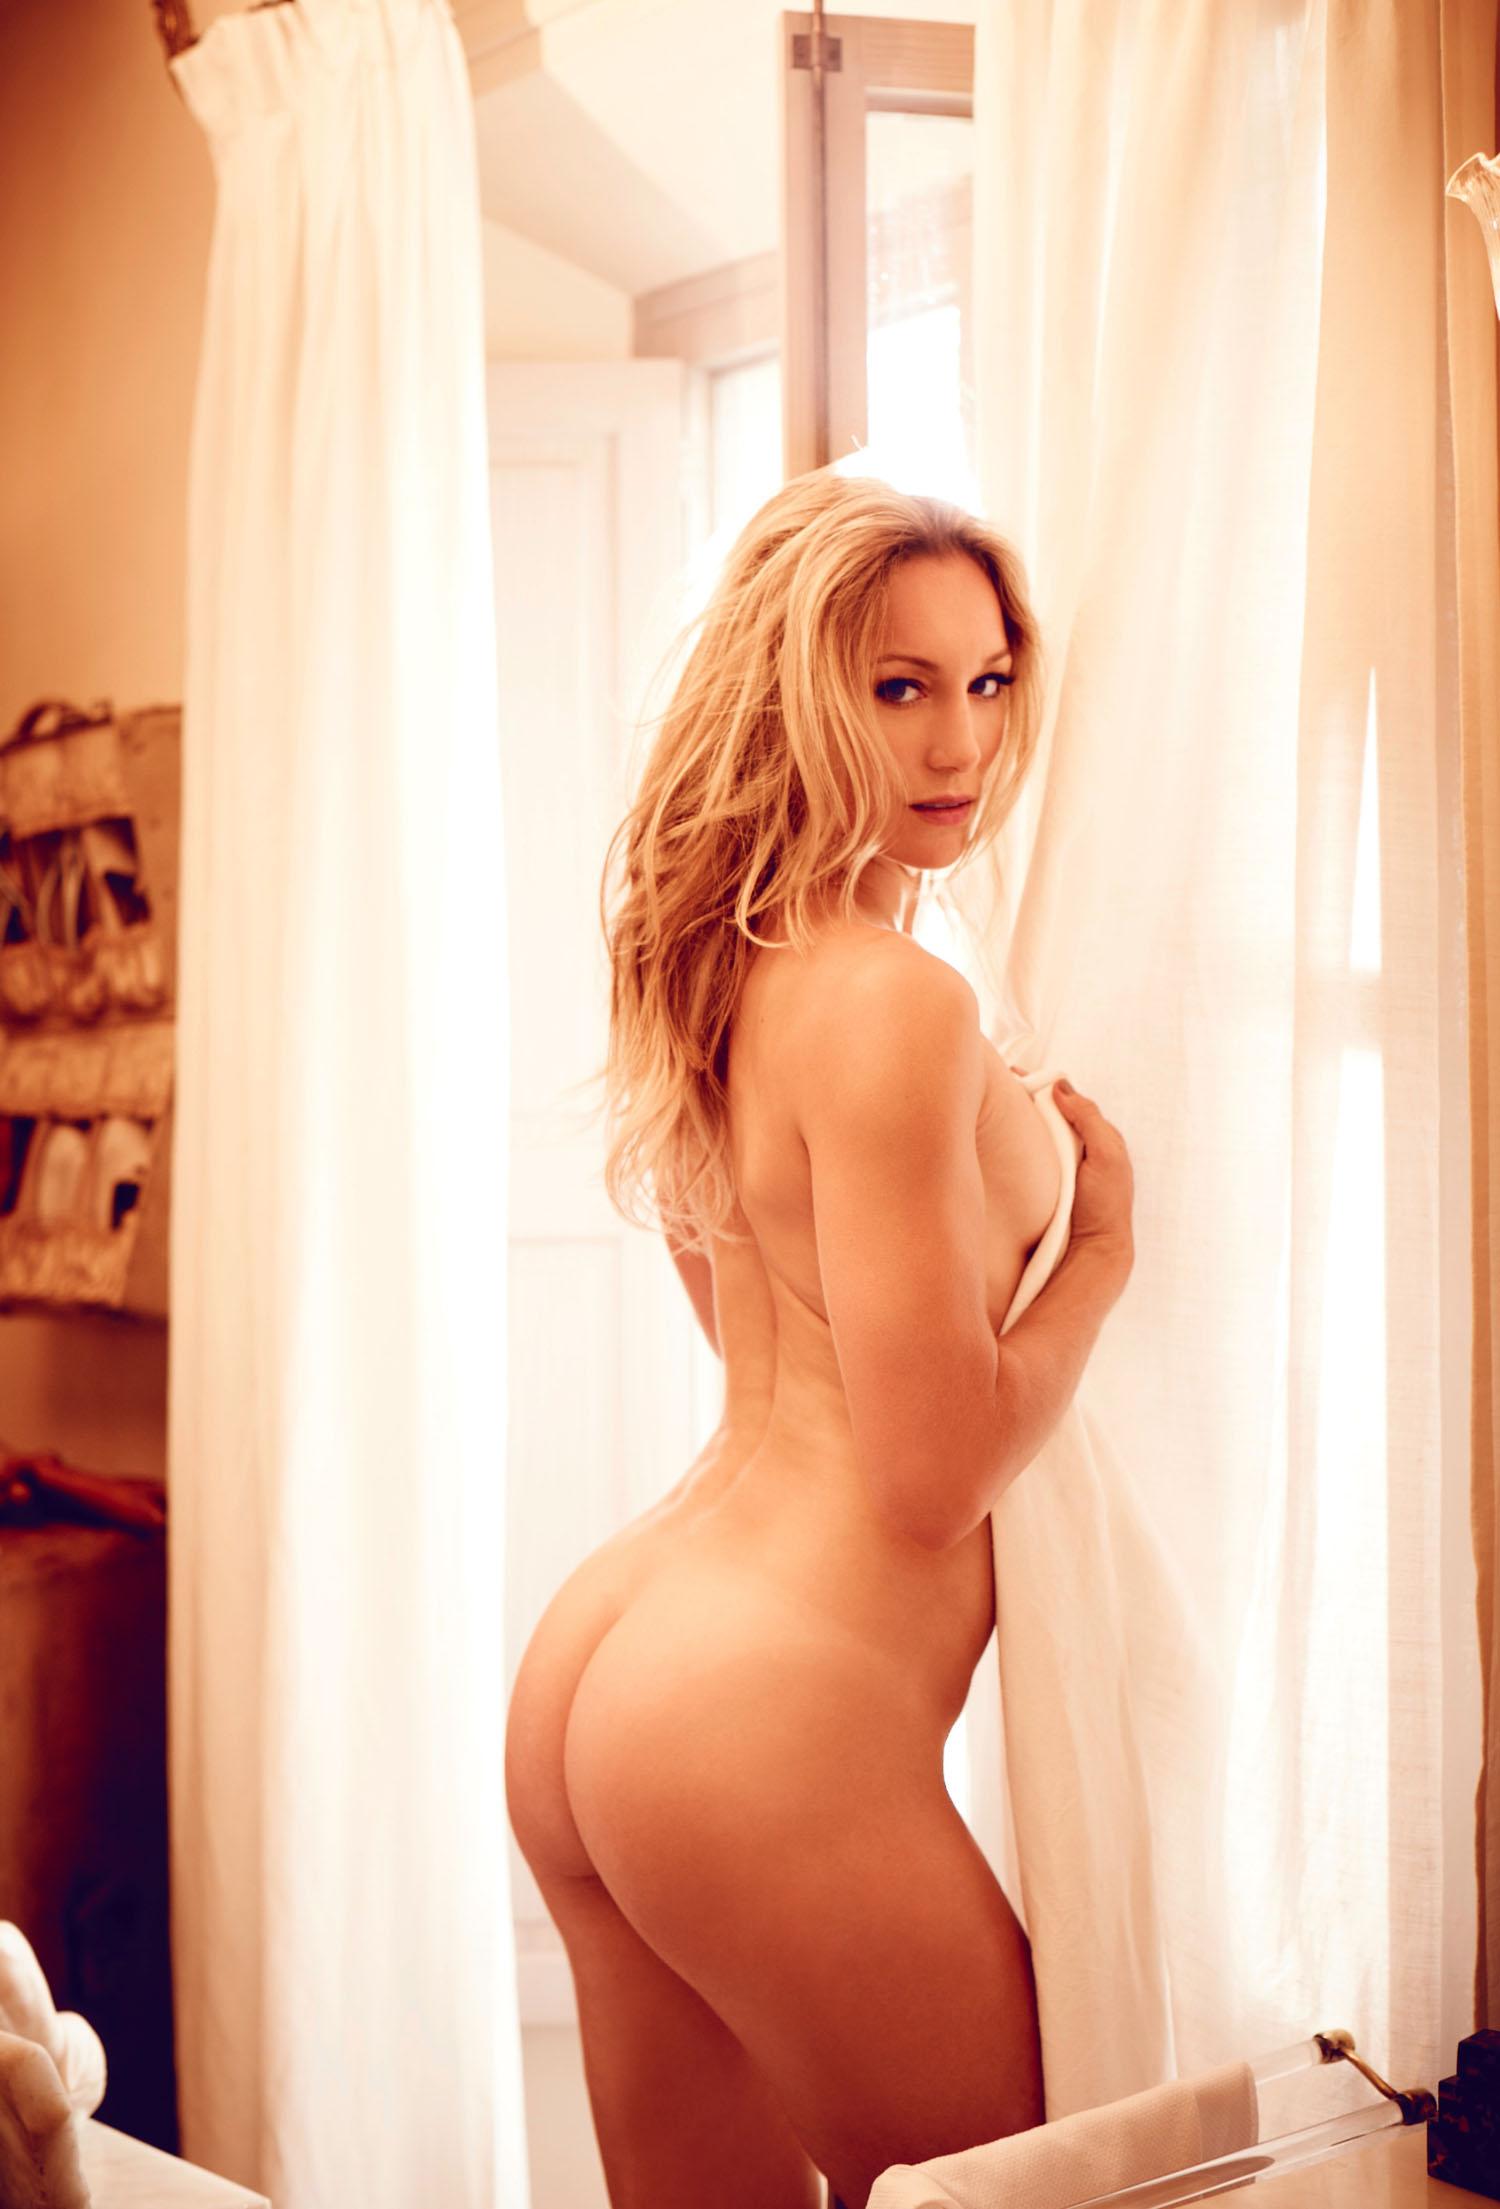 Kristin nunn nude — pic 13